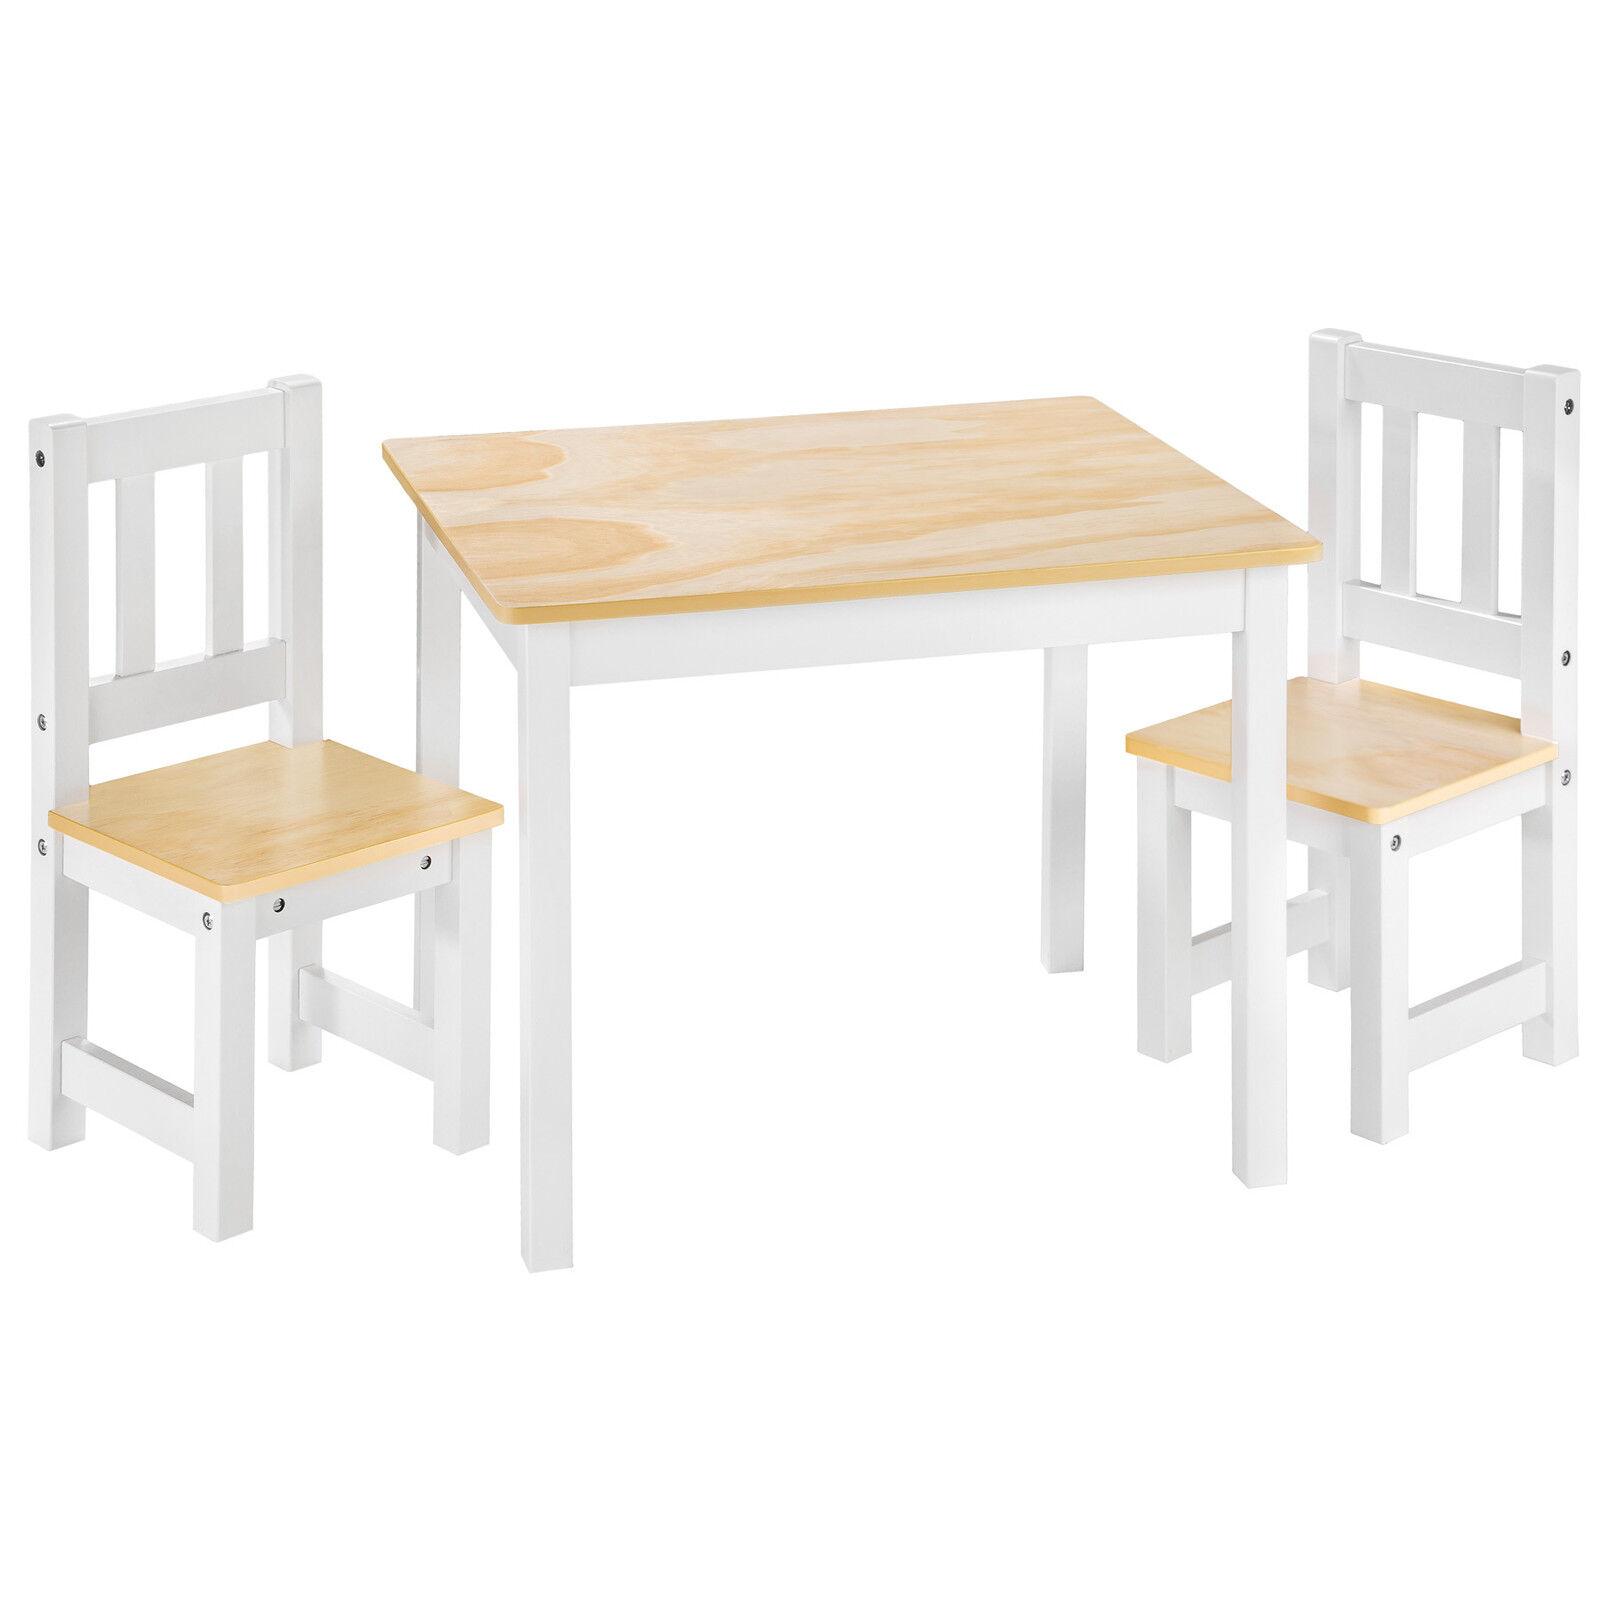 Enfants Table et 2 chaises set en bois enfants jouer intérieur meubles playcorner